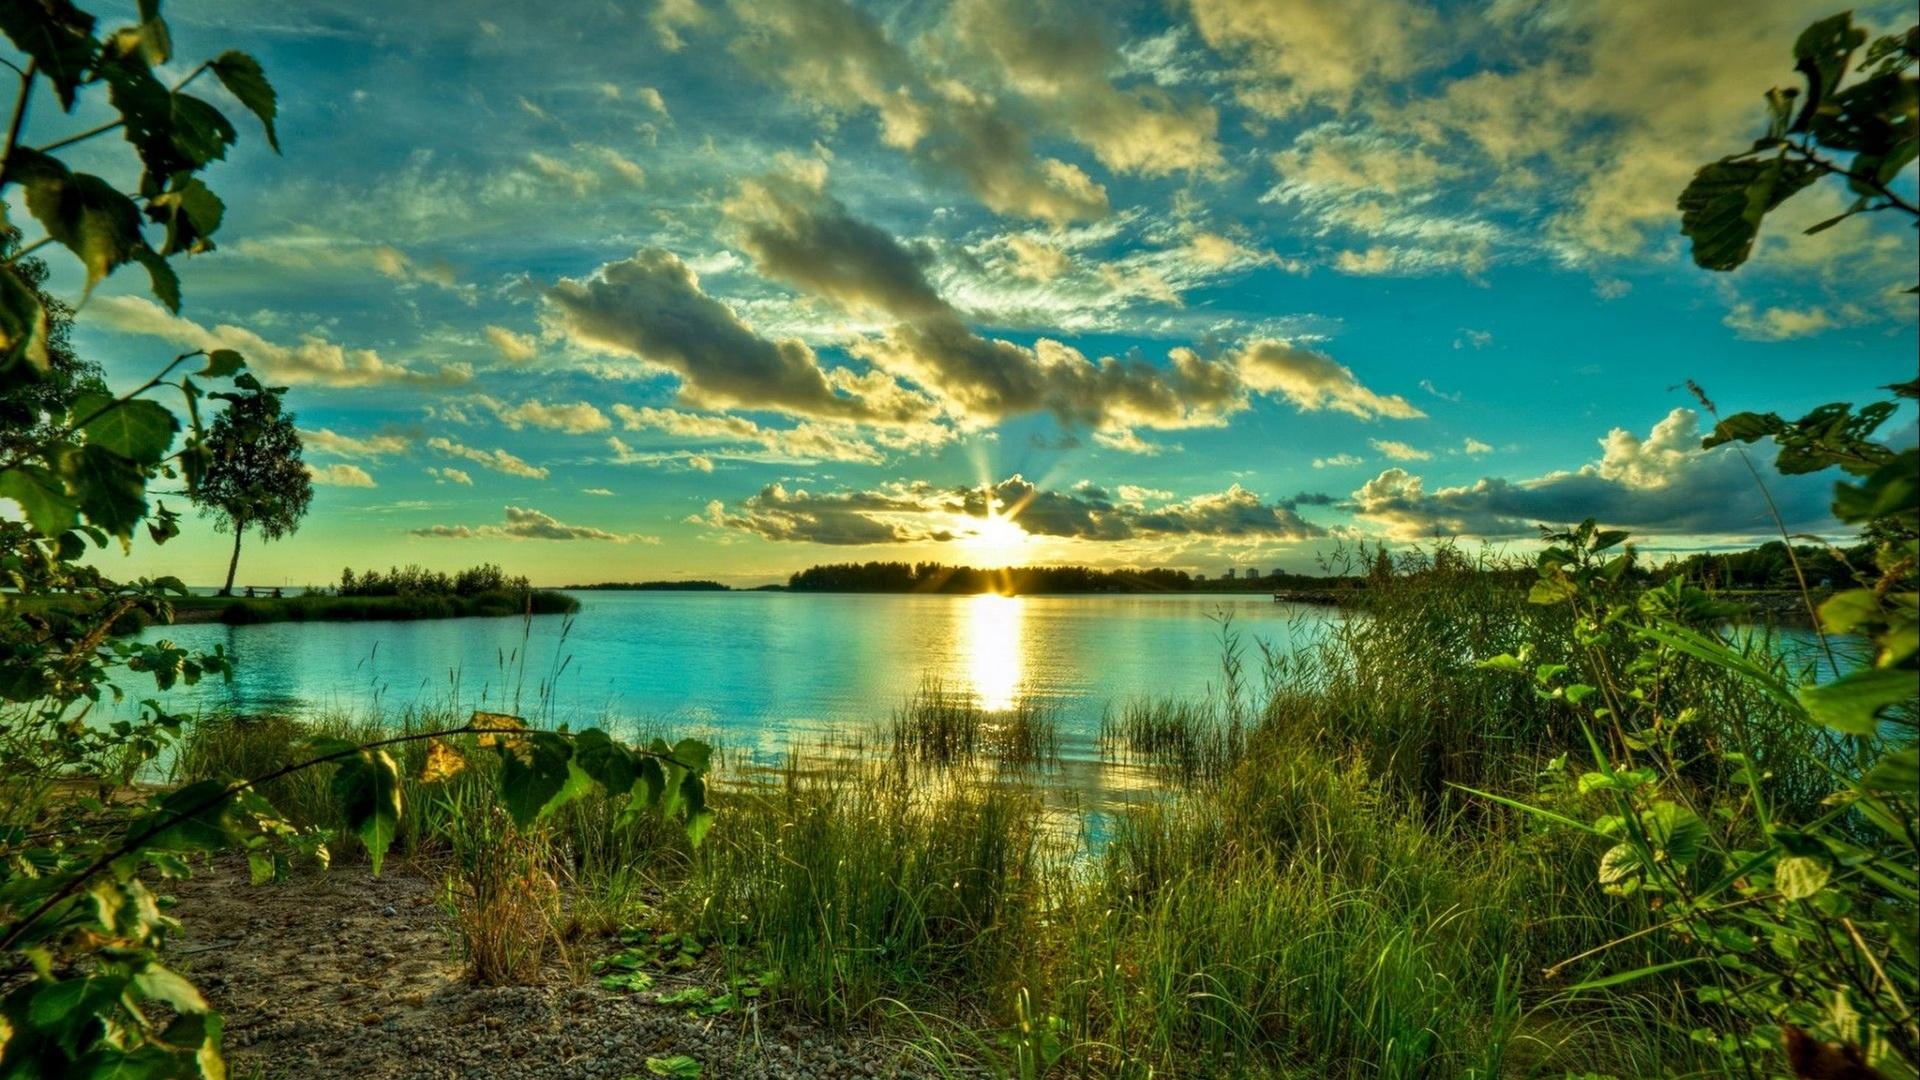 http://www.nastol.com.ua/pic/201210/1920x1080/nastol.com.ua-35061.jpg